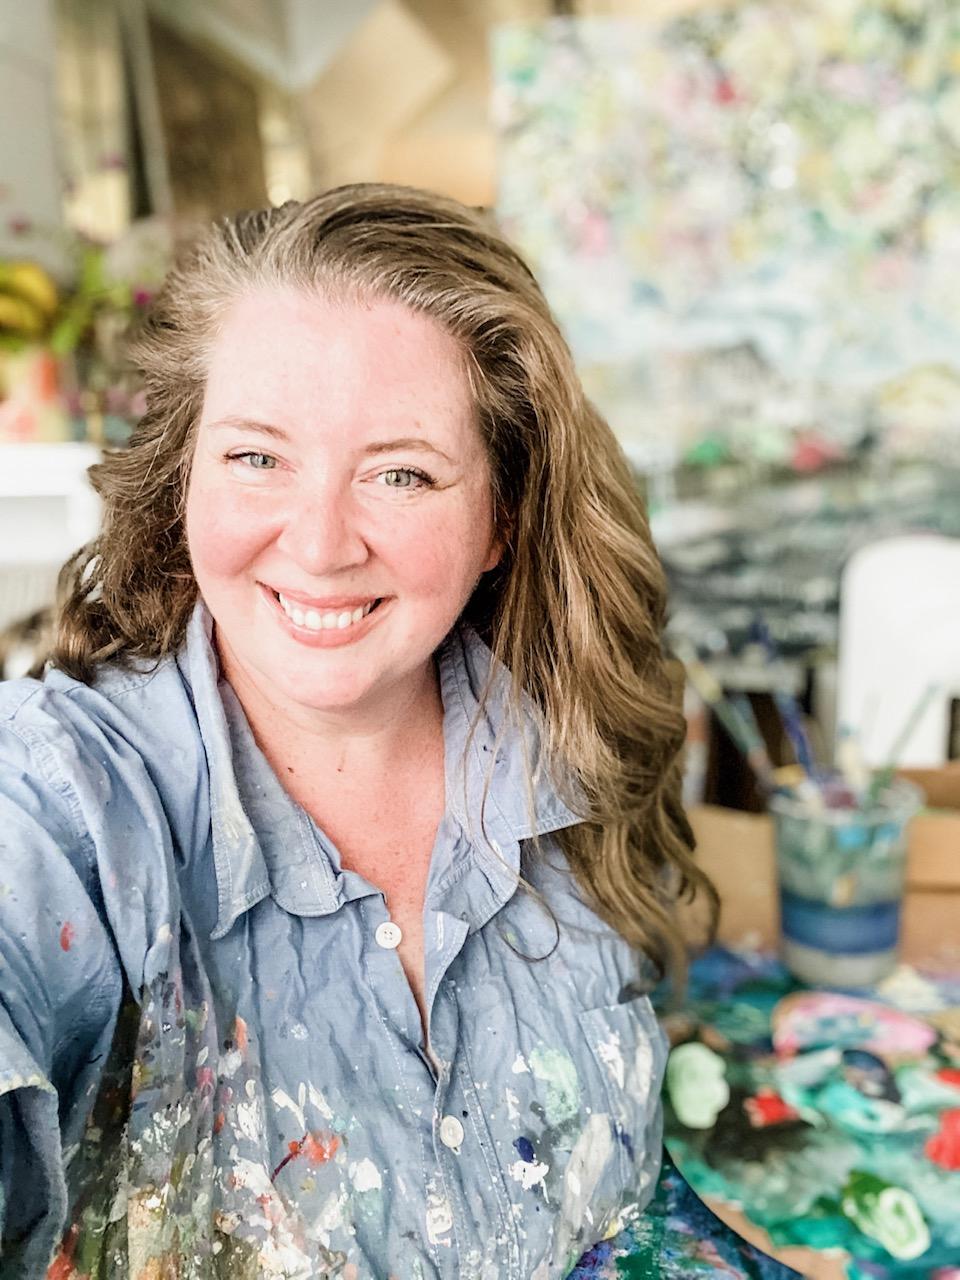 #225 Amanda Evanston: Painter, Maker, Artist